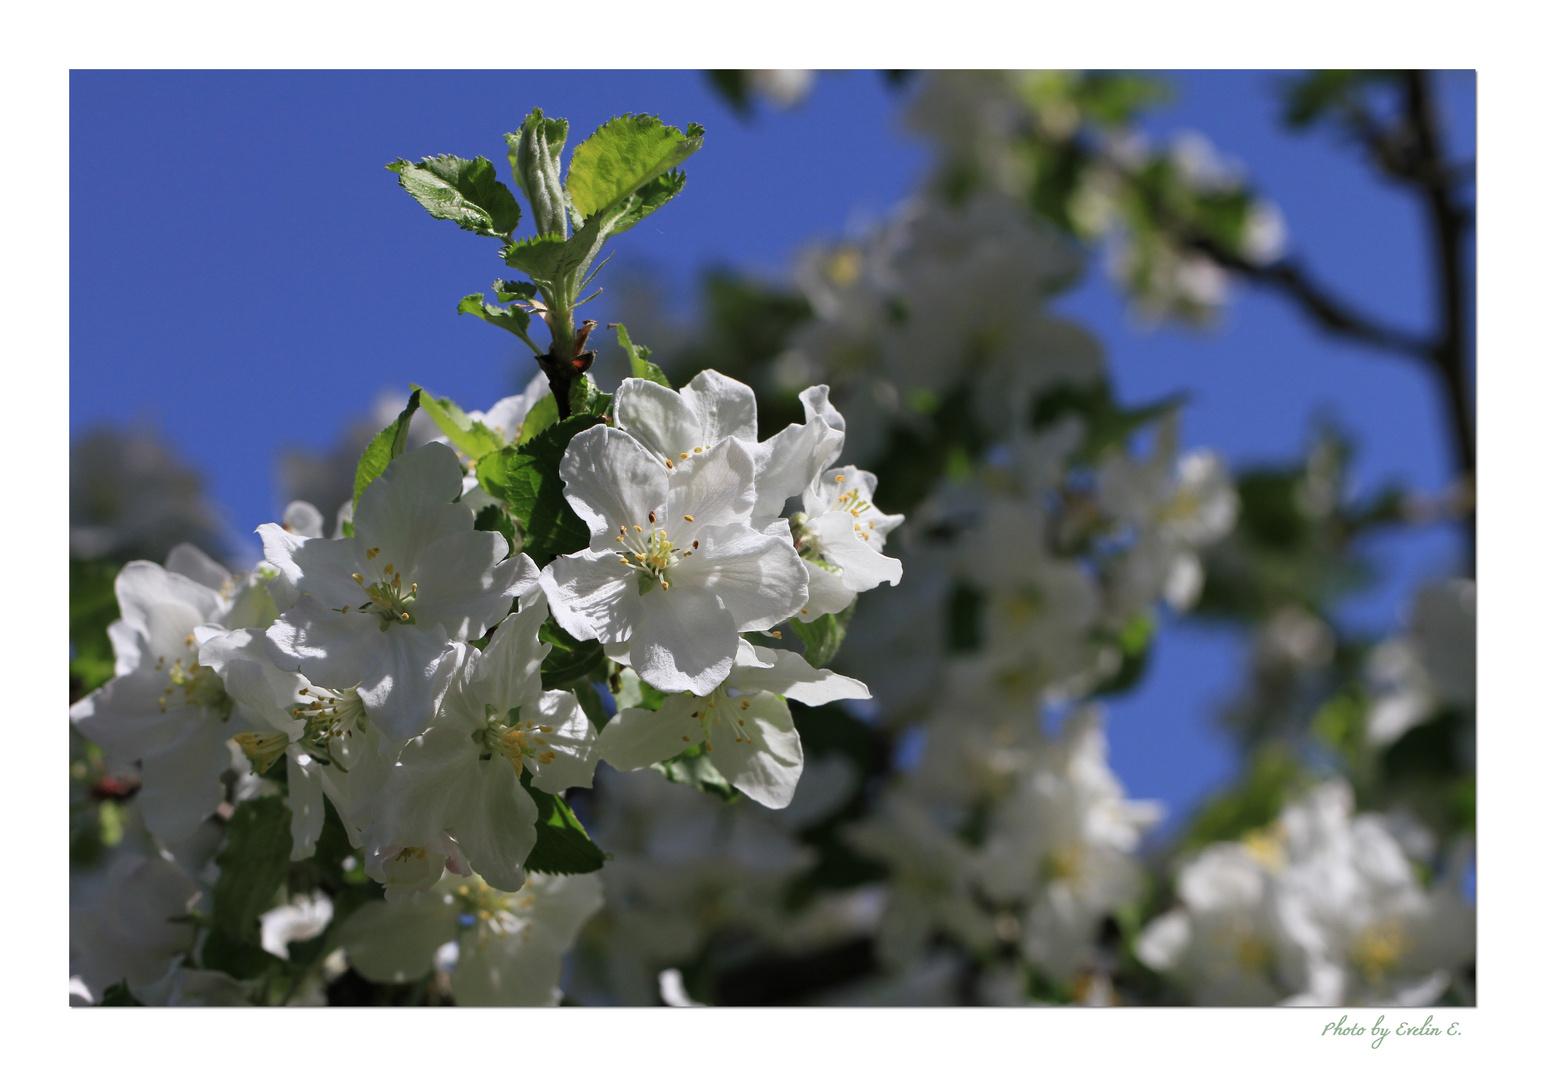 Traumhafte Blüten in Weiß